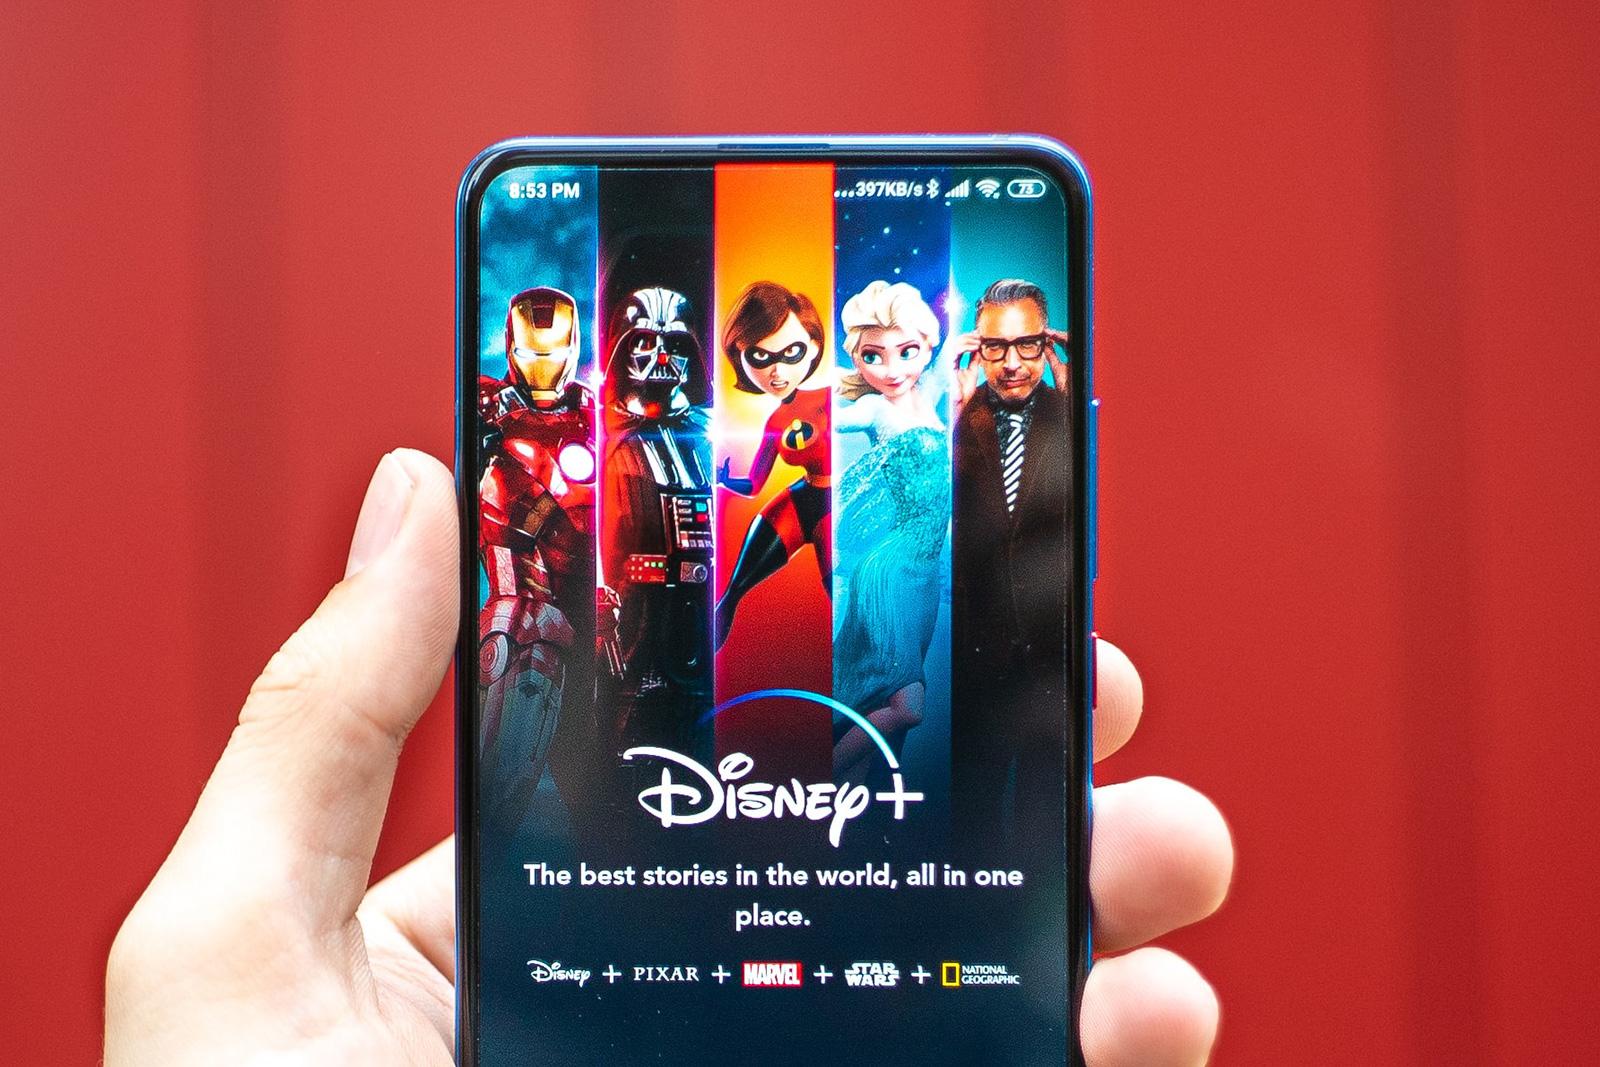 Disney'in kalan 2021 filmleri önce sinemalarda gösterime girecek | Engadget